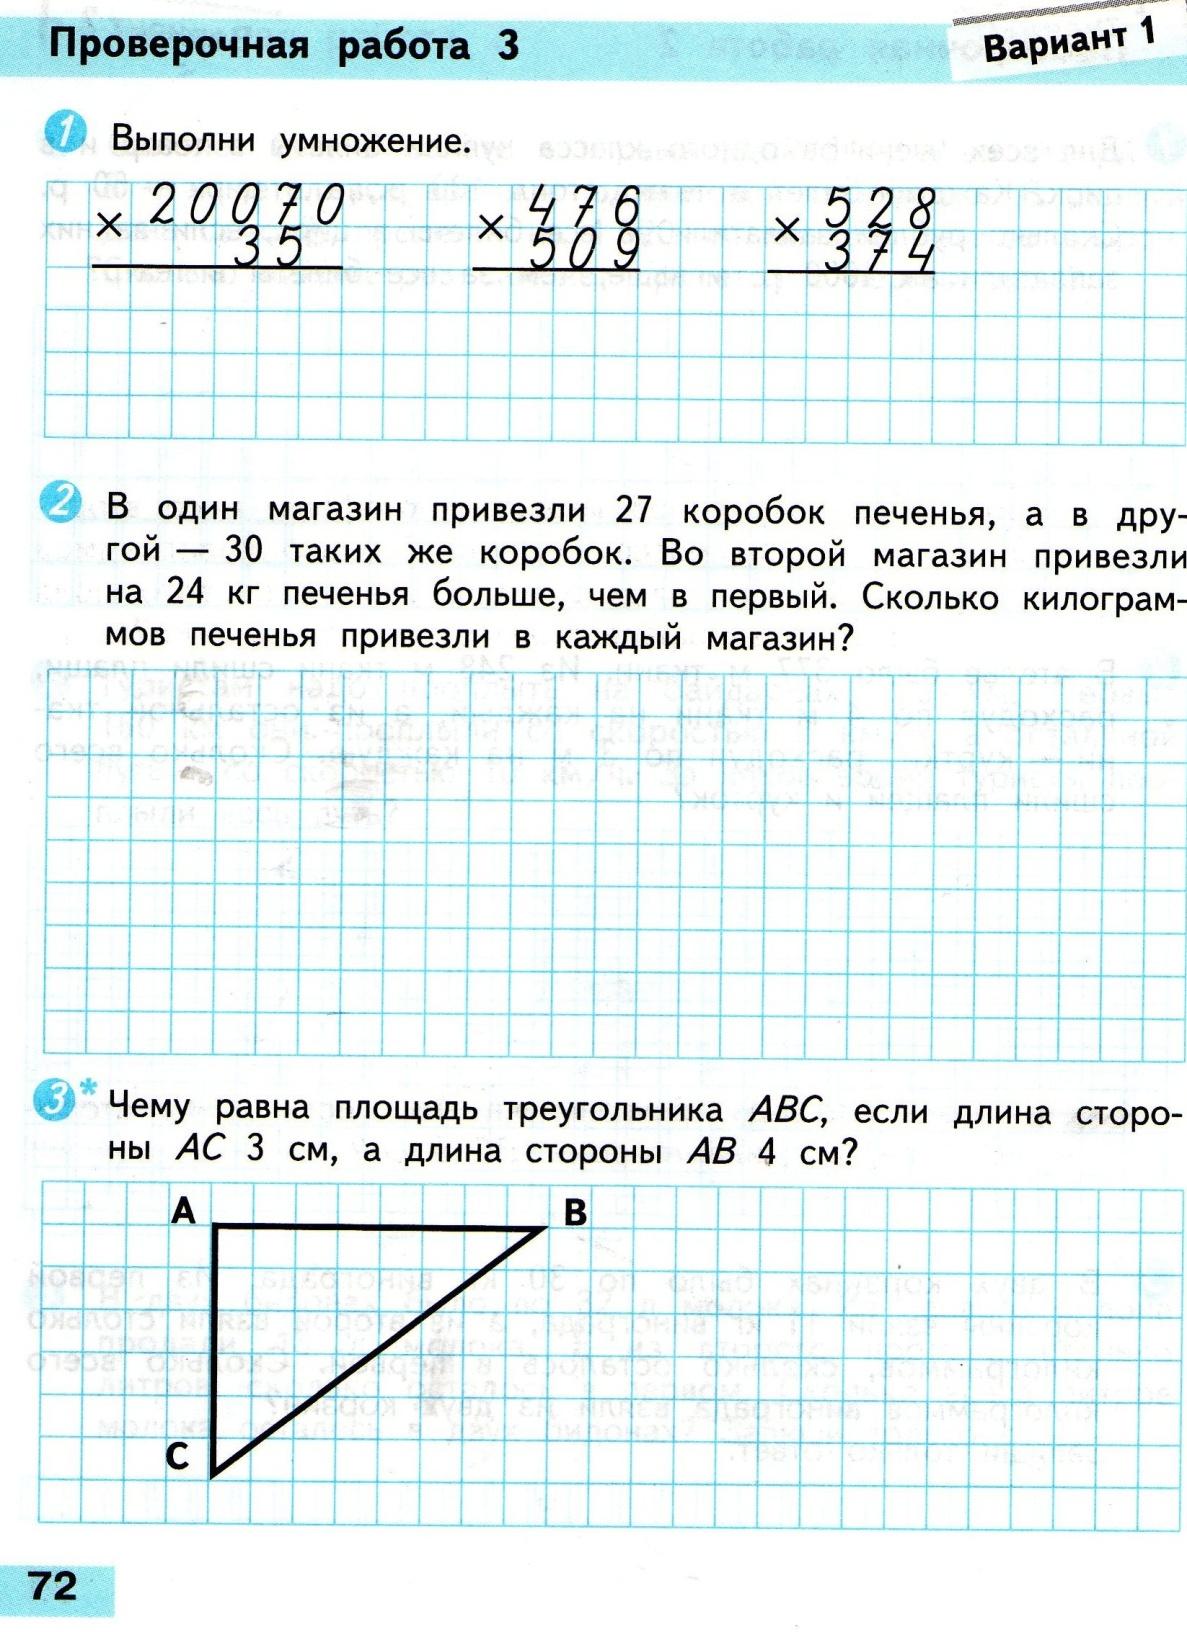 C:\Documents and Settings\Admin\Мои документы\Мои рисунки\1571.jpg